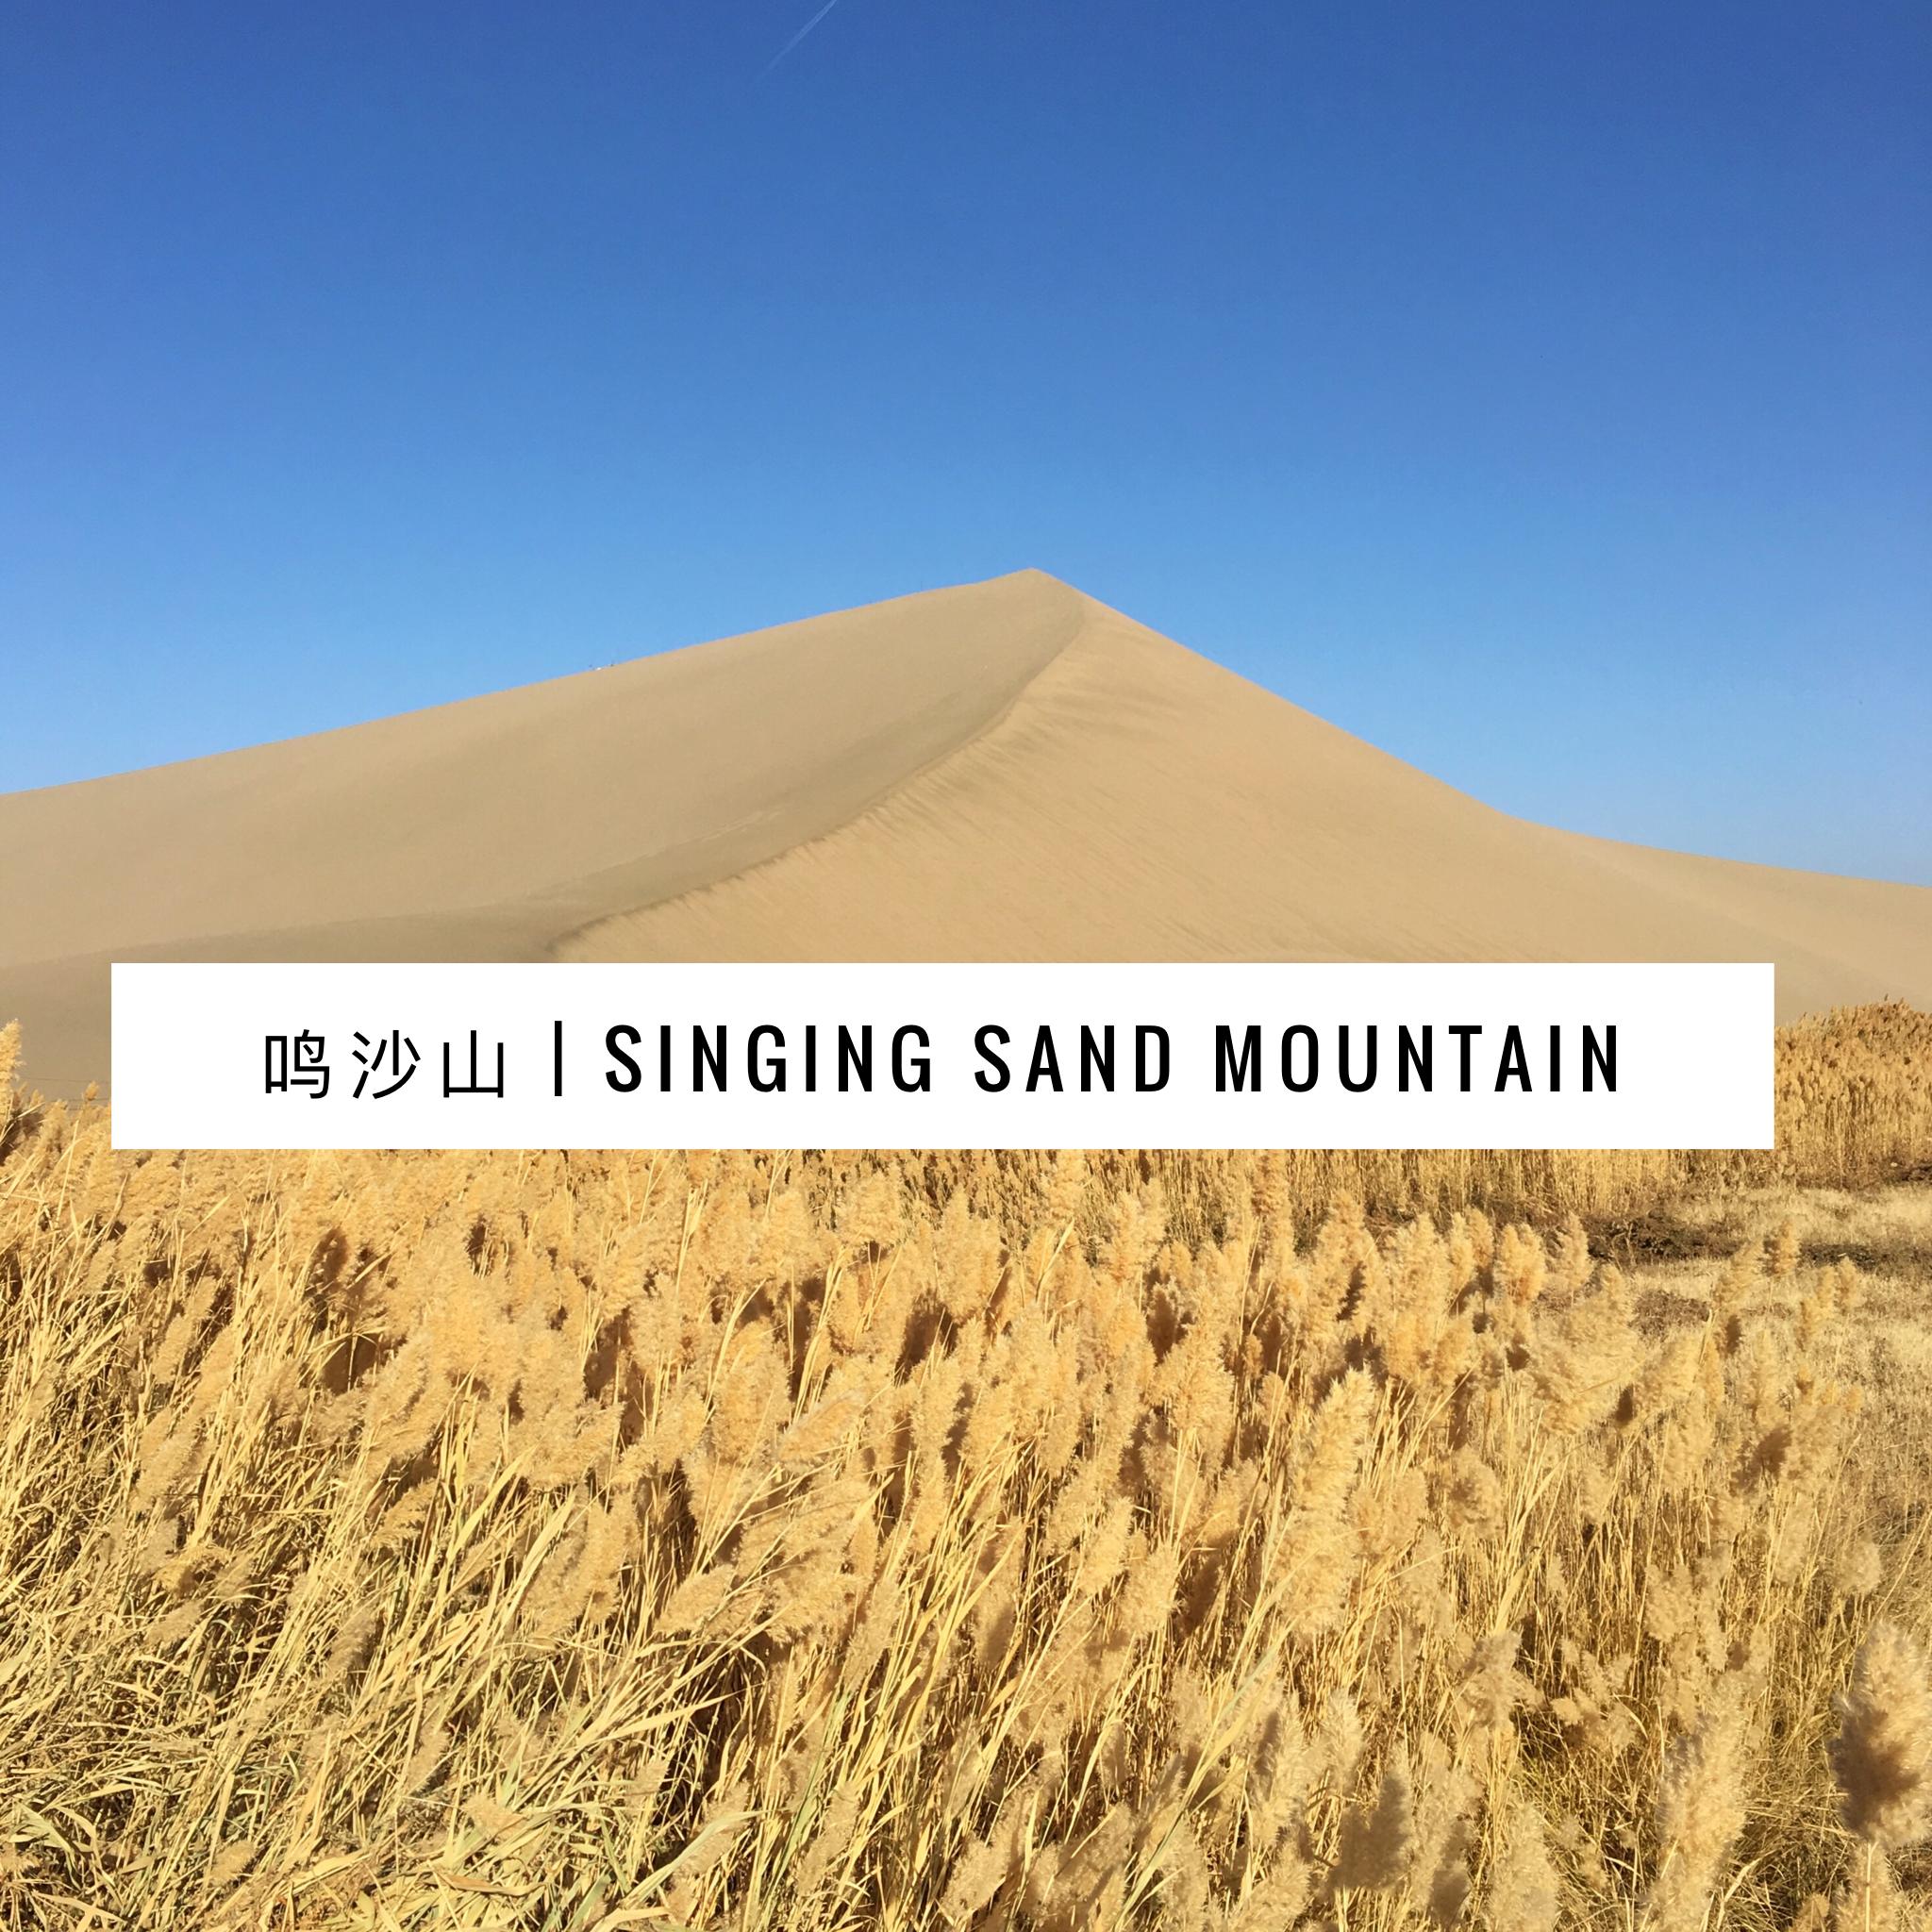 Singing Sand Mountain